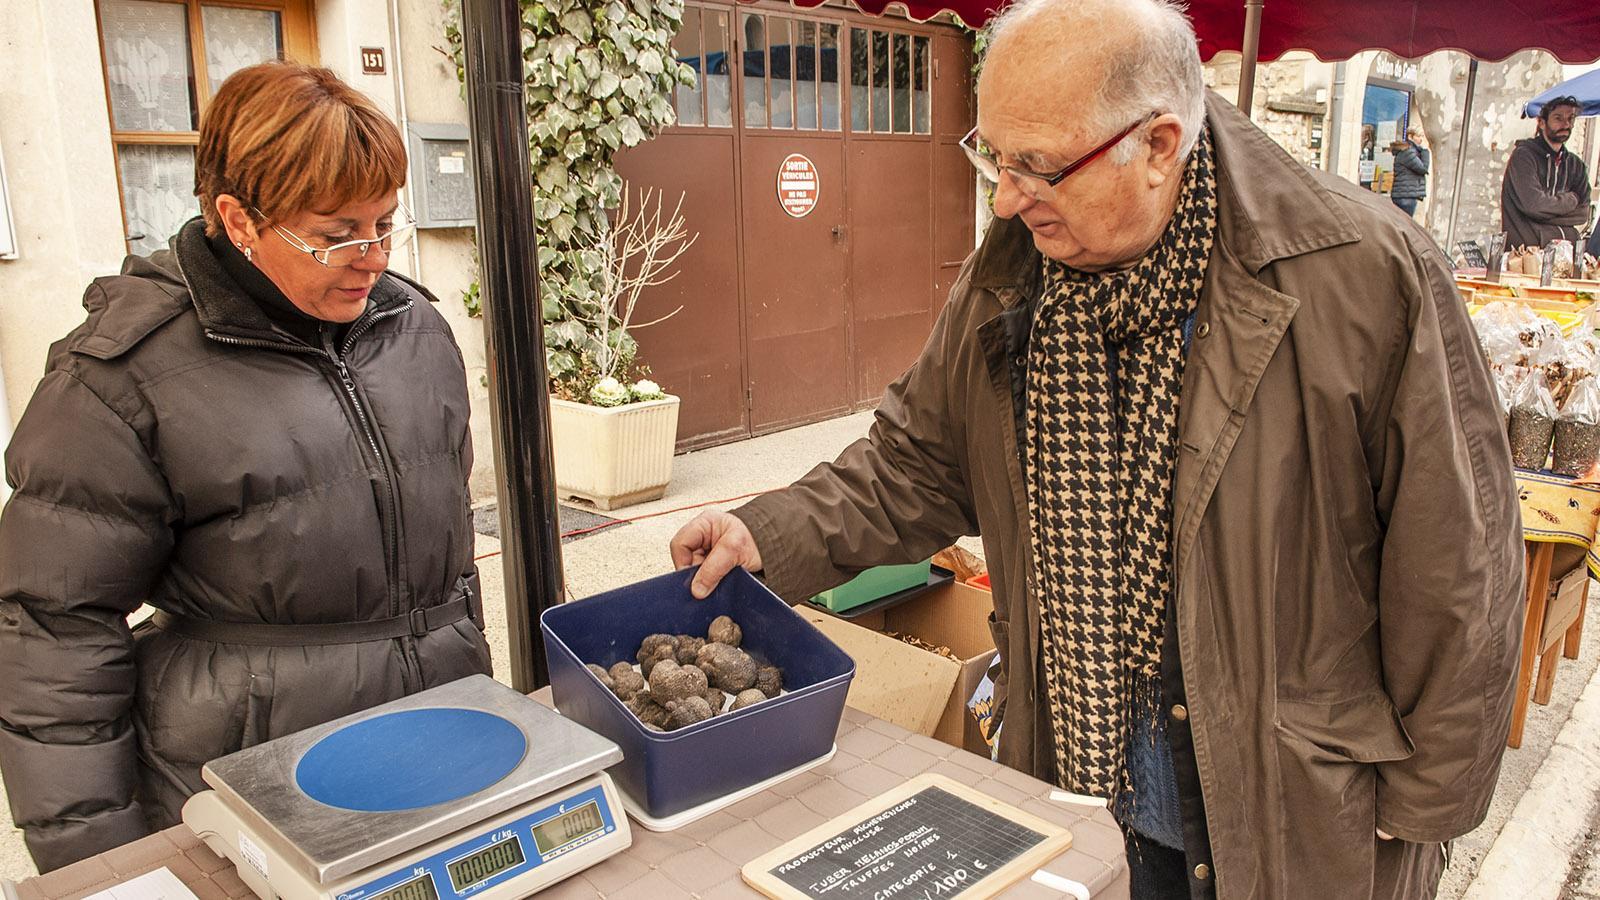 Der Endverbraucher-Trüffelmarkt von Saint-Paul-3-Châteaux. Foto: Hilke Maunder